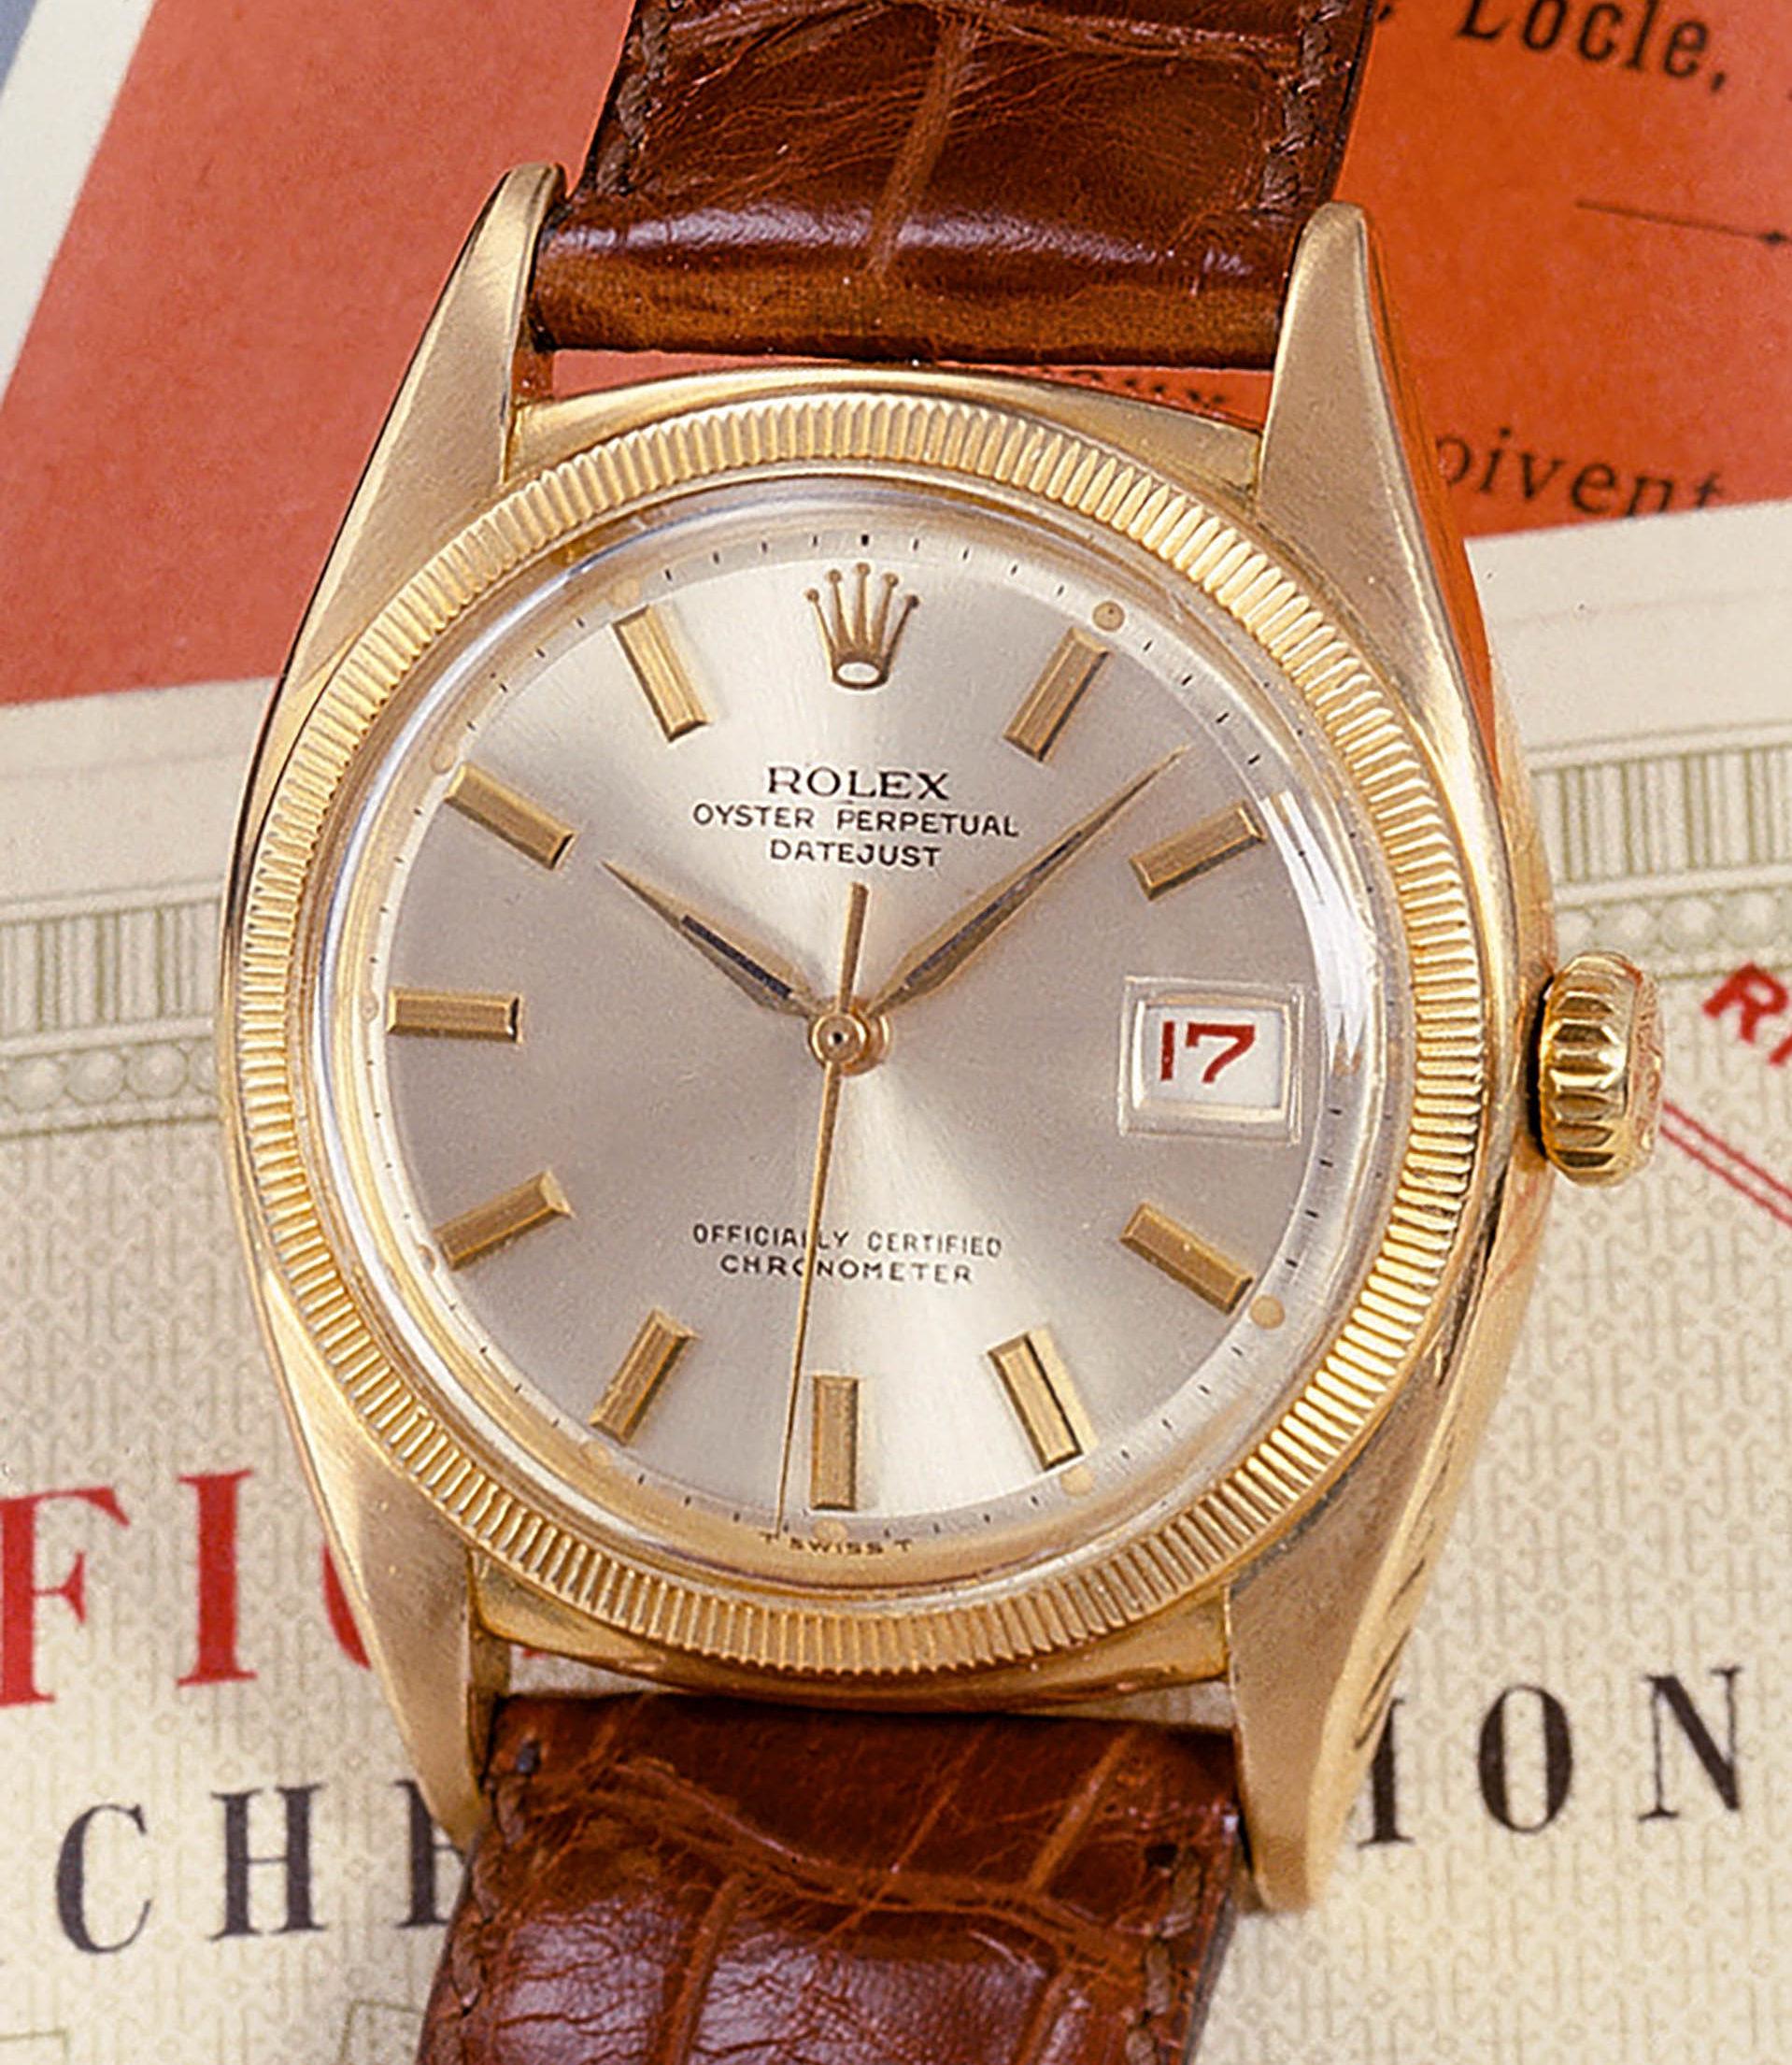 Rolex Oyster Datejust Chronometer von 1952